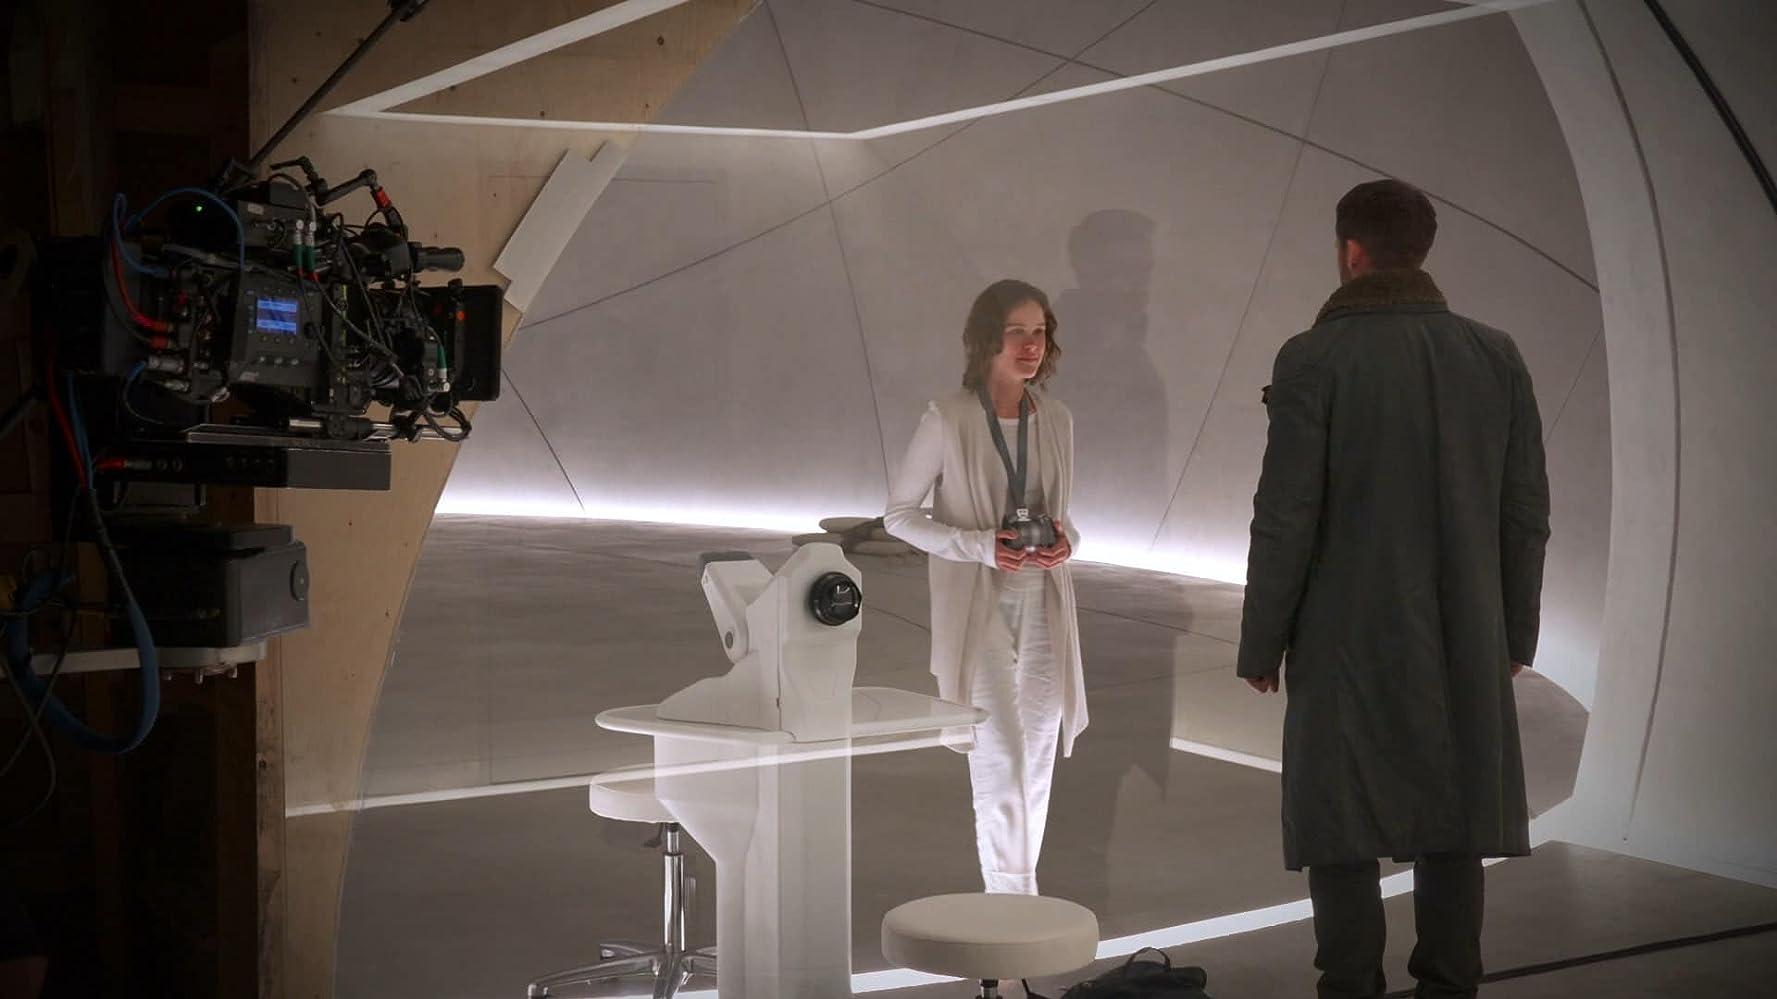 Blade Runner 2049 Bıçak Sırtı İndir Türkçe Dublaj 1080p Ekran Görüntüsü 2